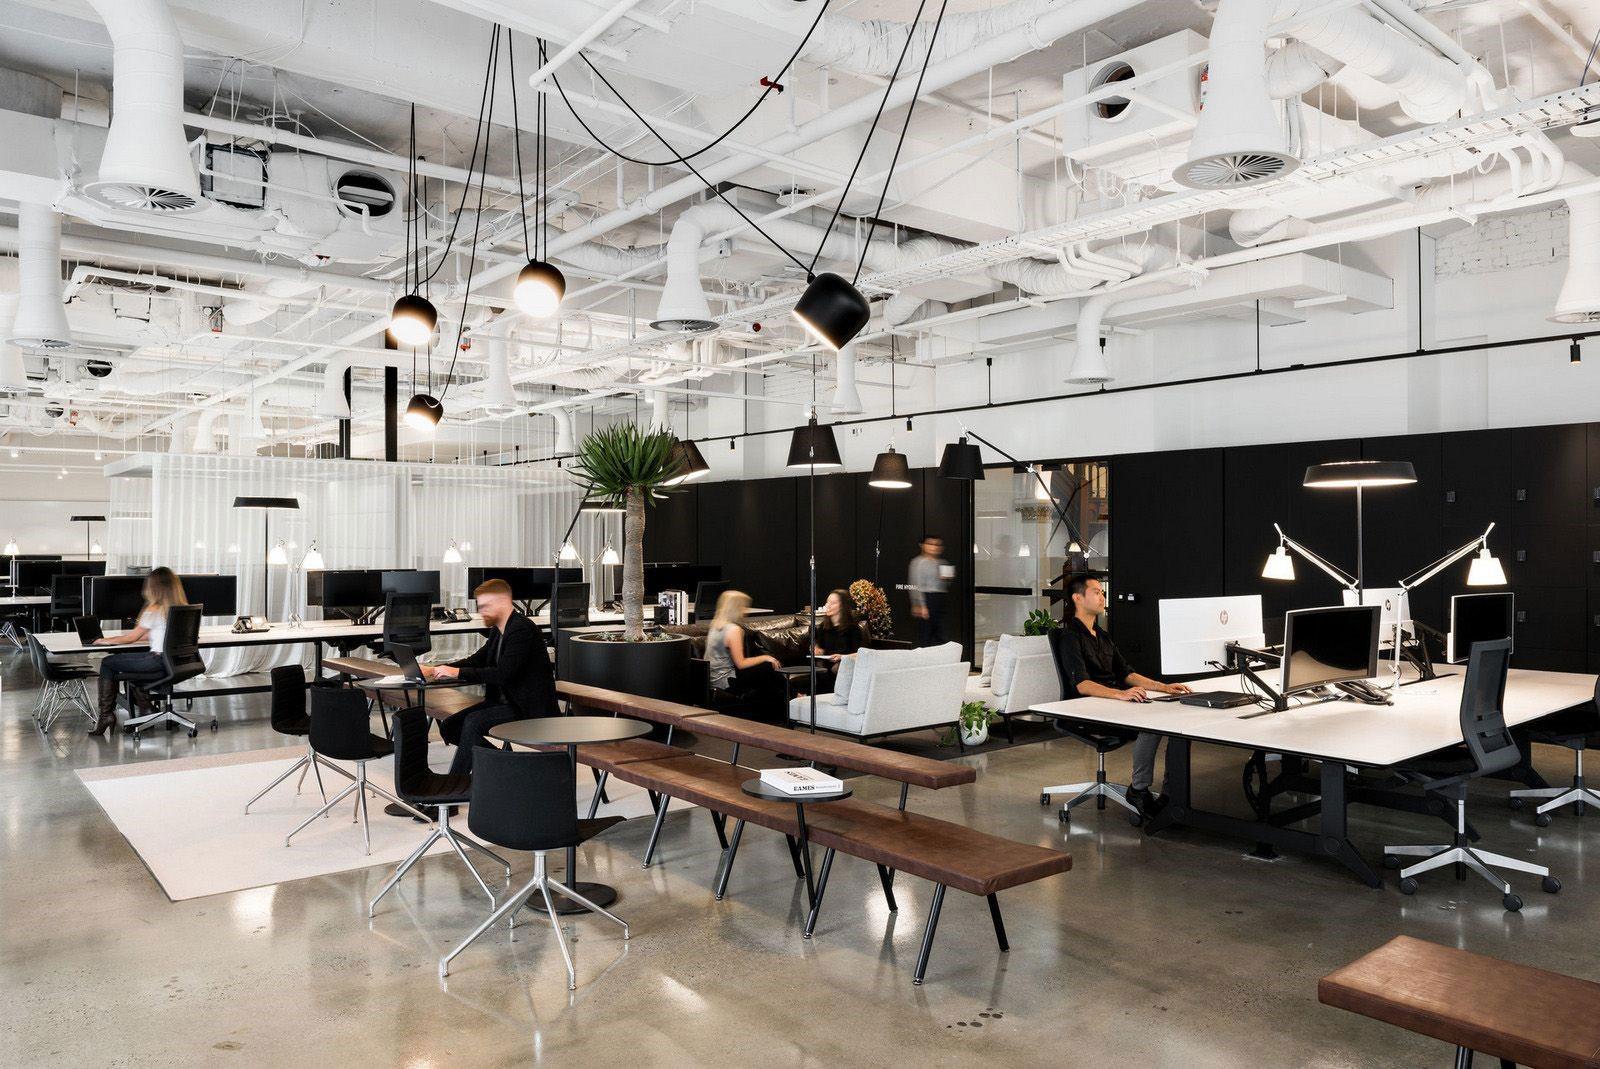 Thiết kế văn phòng không gian mở và những điều cần biết - Thiết kế Thi công  Nhà đẹp